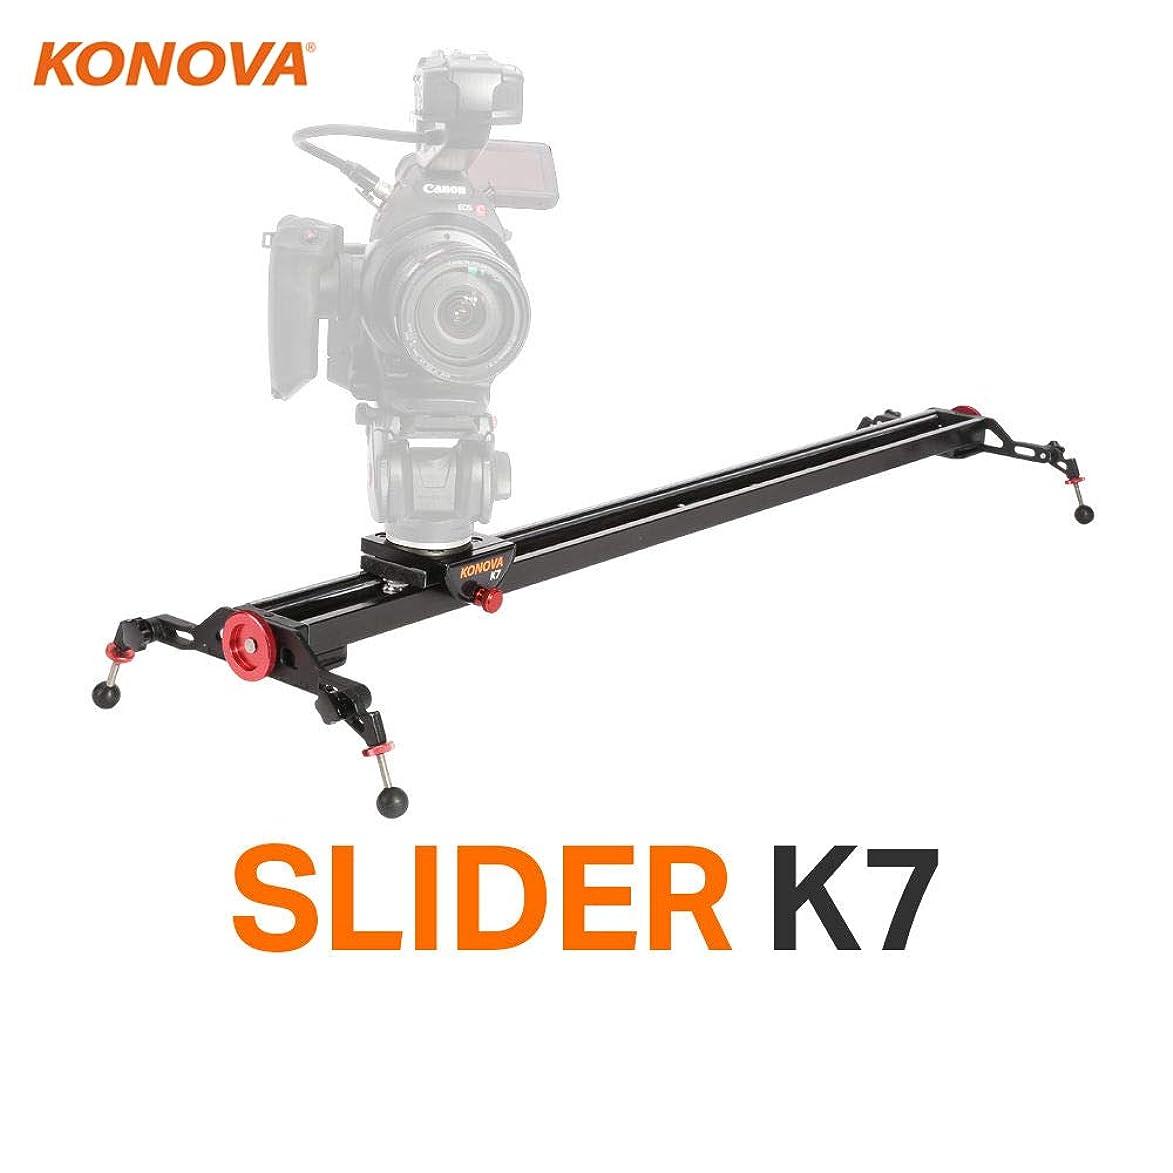 Konova Camera Slider Dolly K7 120cm (47.2 Inch) Track Aluminum solid rail roller bearing for smooth slide for Camera, Gopro, Mobile Phone, DSLR, ENG Payloads up to 77bs (35kg) with Bag